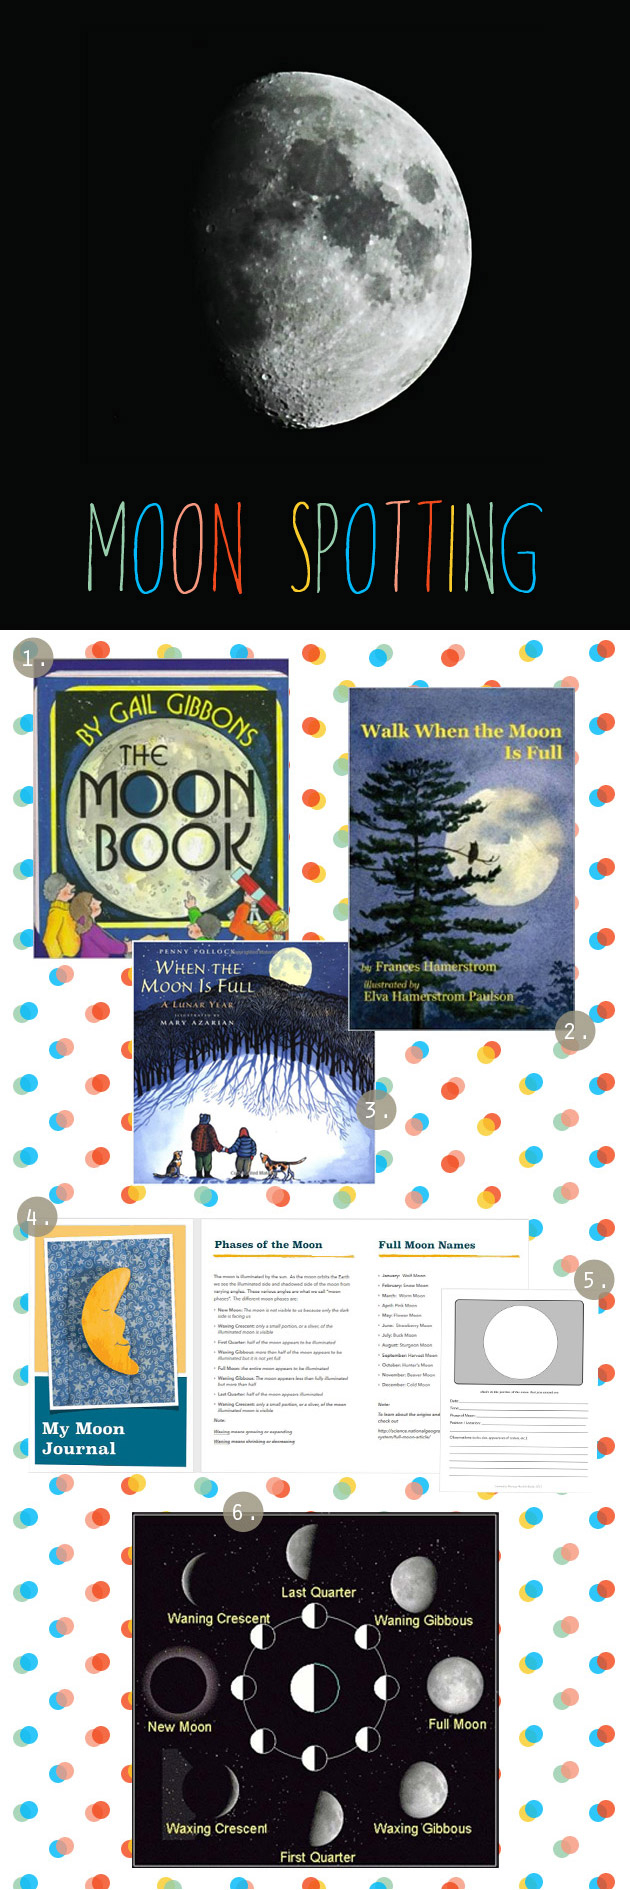 De maan, de maan, zo magisch..! Ontdek hem samen. Meer inspirerende pins op https://www.pinterest.com/ekkomikndrcch